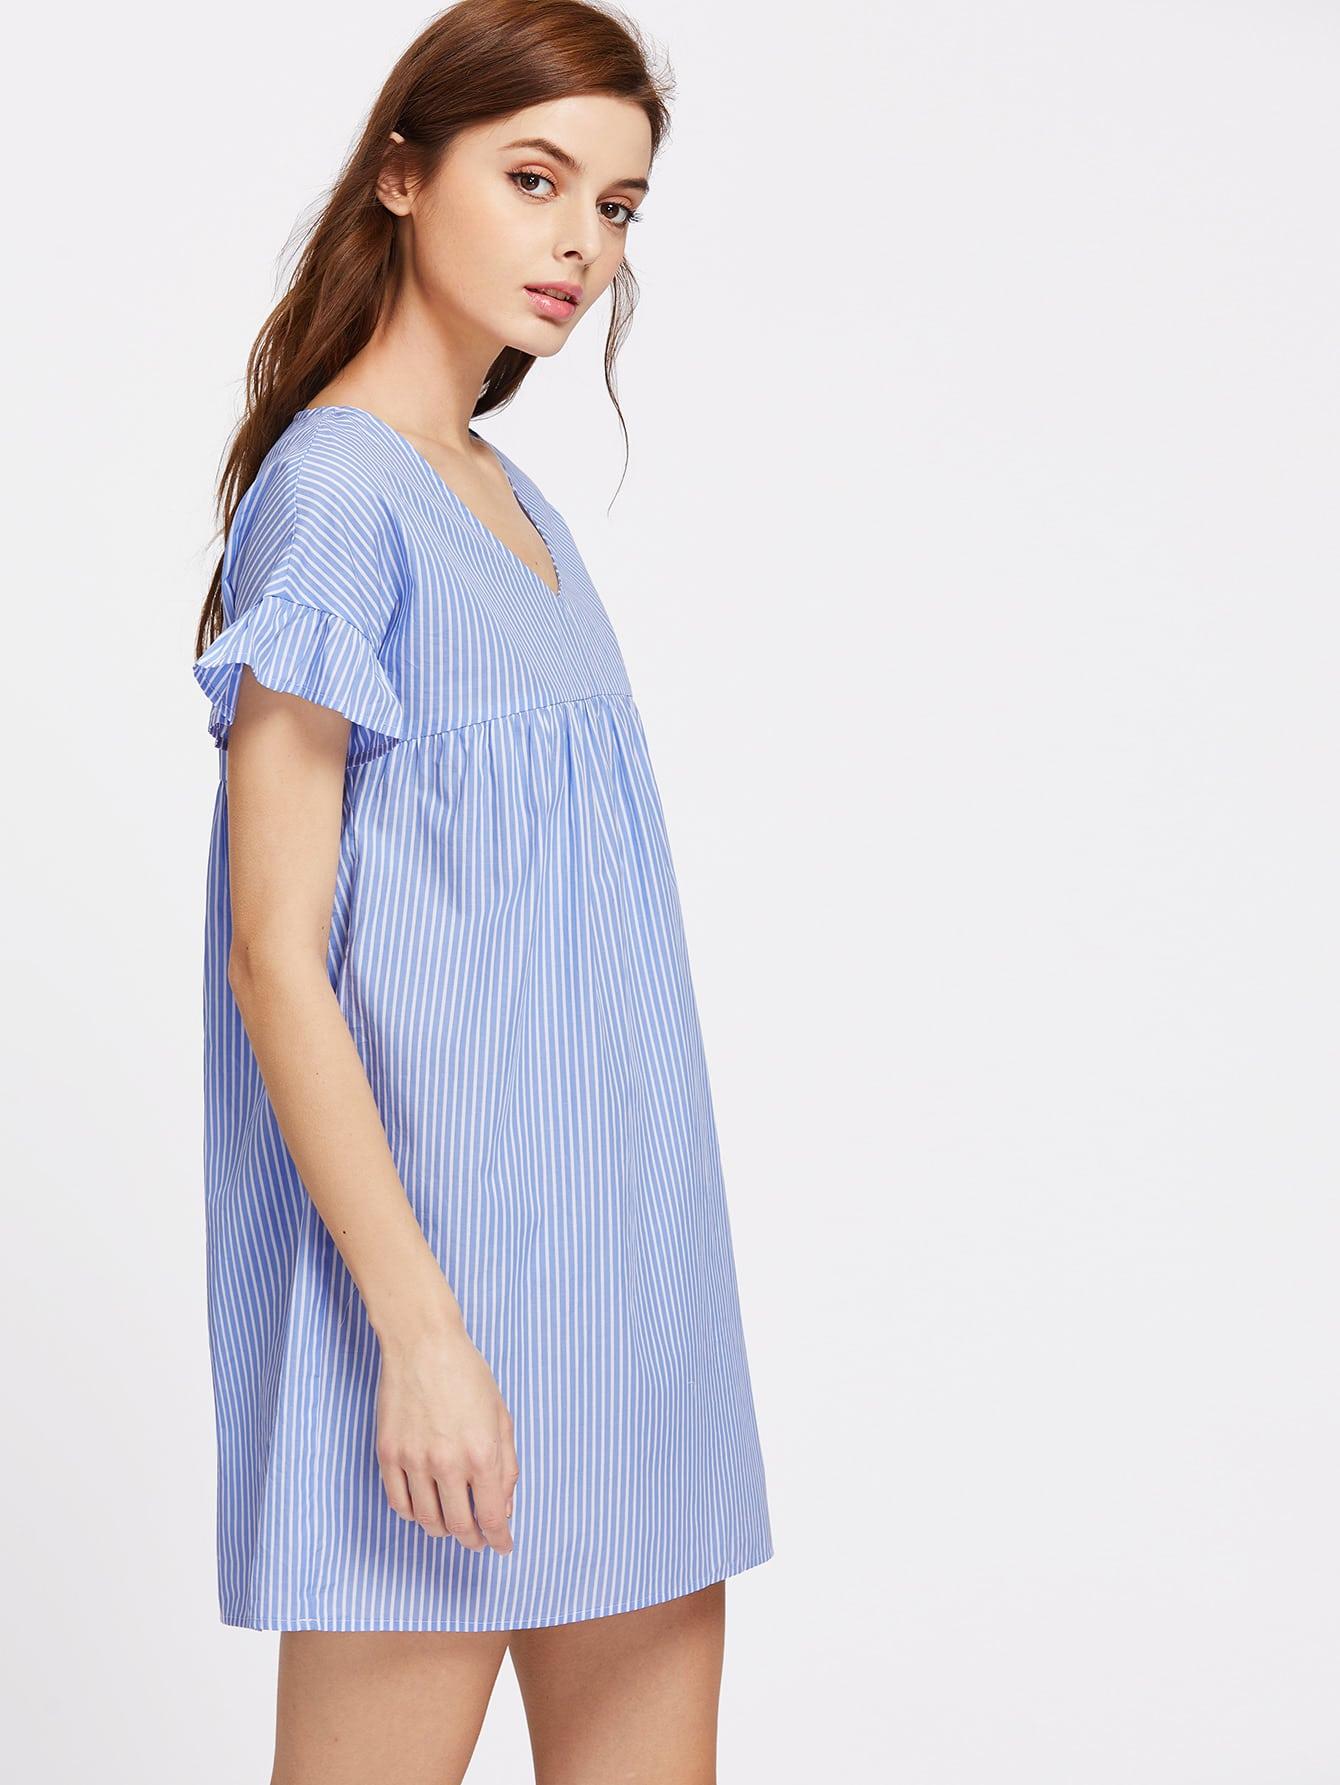 dress170406703_2